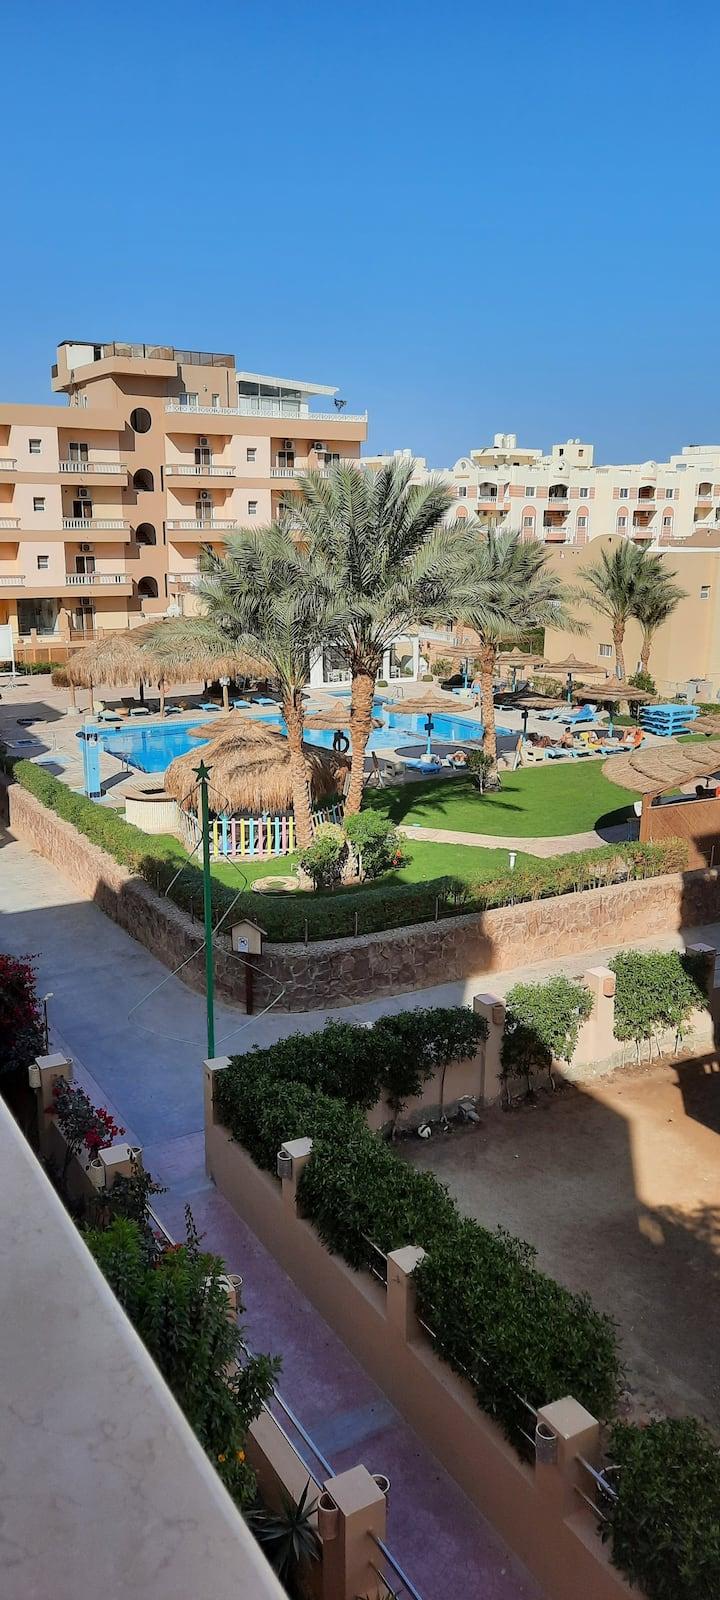 Apartement im sonnigen Hurghada